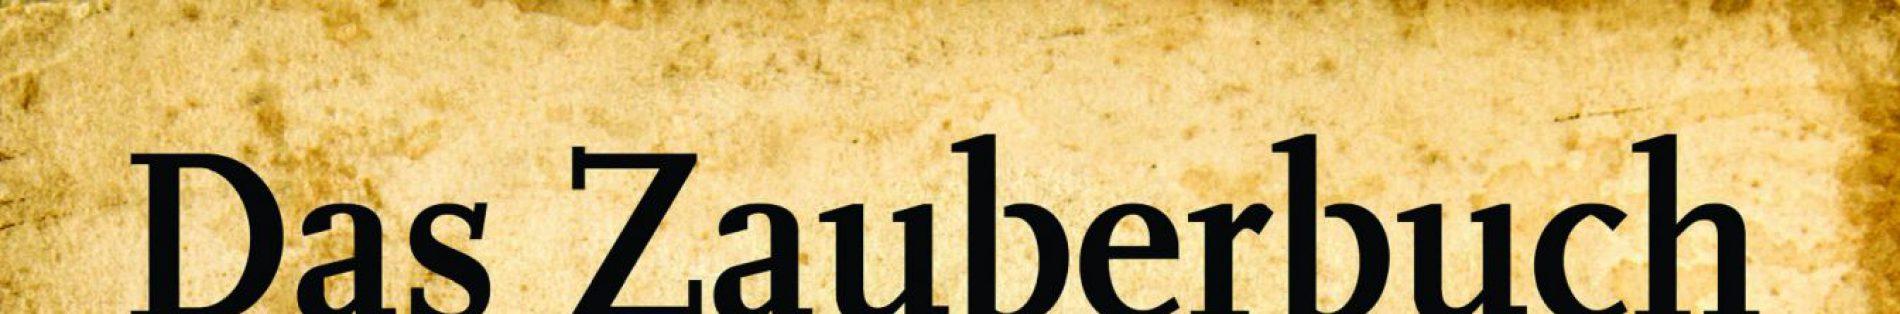 Das Zauberbuch - Unterwegs durch Raum und Zeit Ein gemeinsames Projekt von Schülern der Adolf-Reichwein-Schule und Johannes-Vatter-Schule am 02.07.2015 um 16 Uhr und 19 Uhr Eintritt: Kinder 36€ Erwachsene 5€ Karten VVK unter Mail: musical@ars-fb.de Tel: 06031/72350 oder bei Papier Holler, Bismarckstr. 31, 61169 Friedberg Aufführungsort: Turnhalle der Adolf-Reichwein-Schule